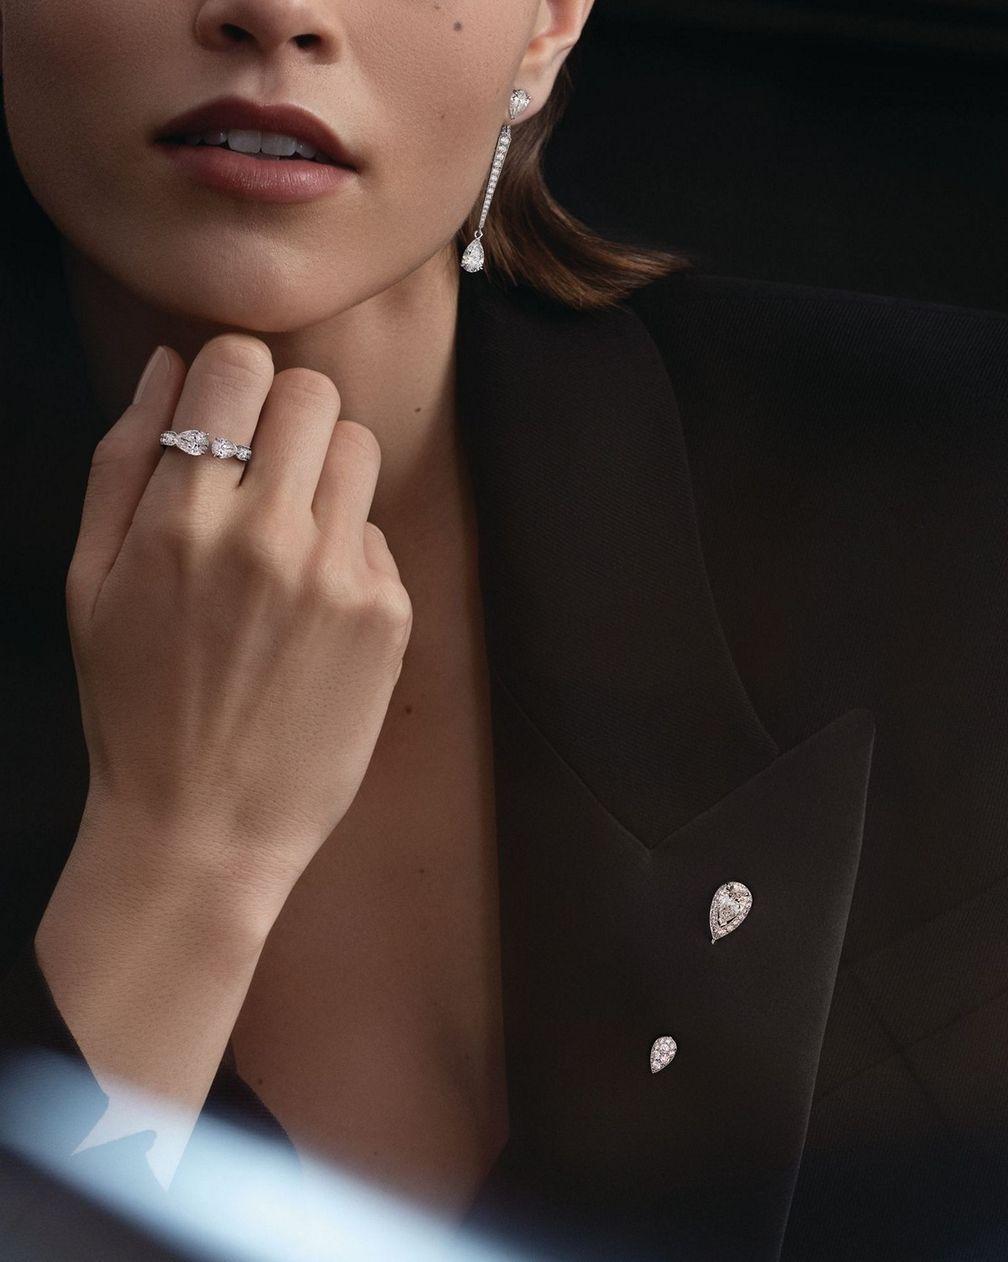 Серьга и кольцо Joséphine Duo Éternal из белого золота с бриллиантами от Chaumet